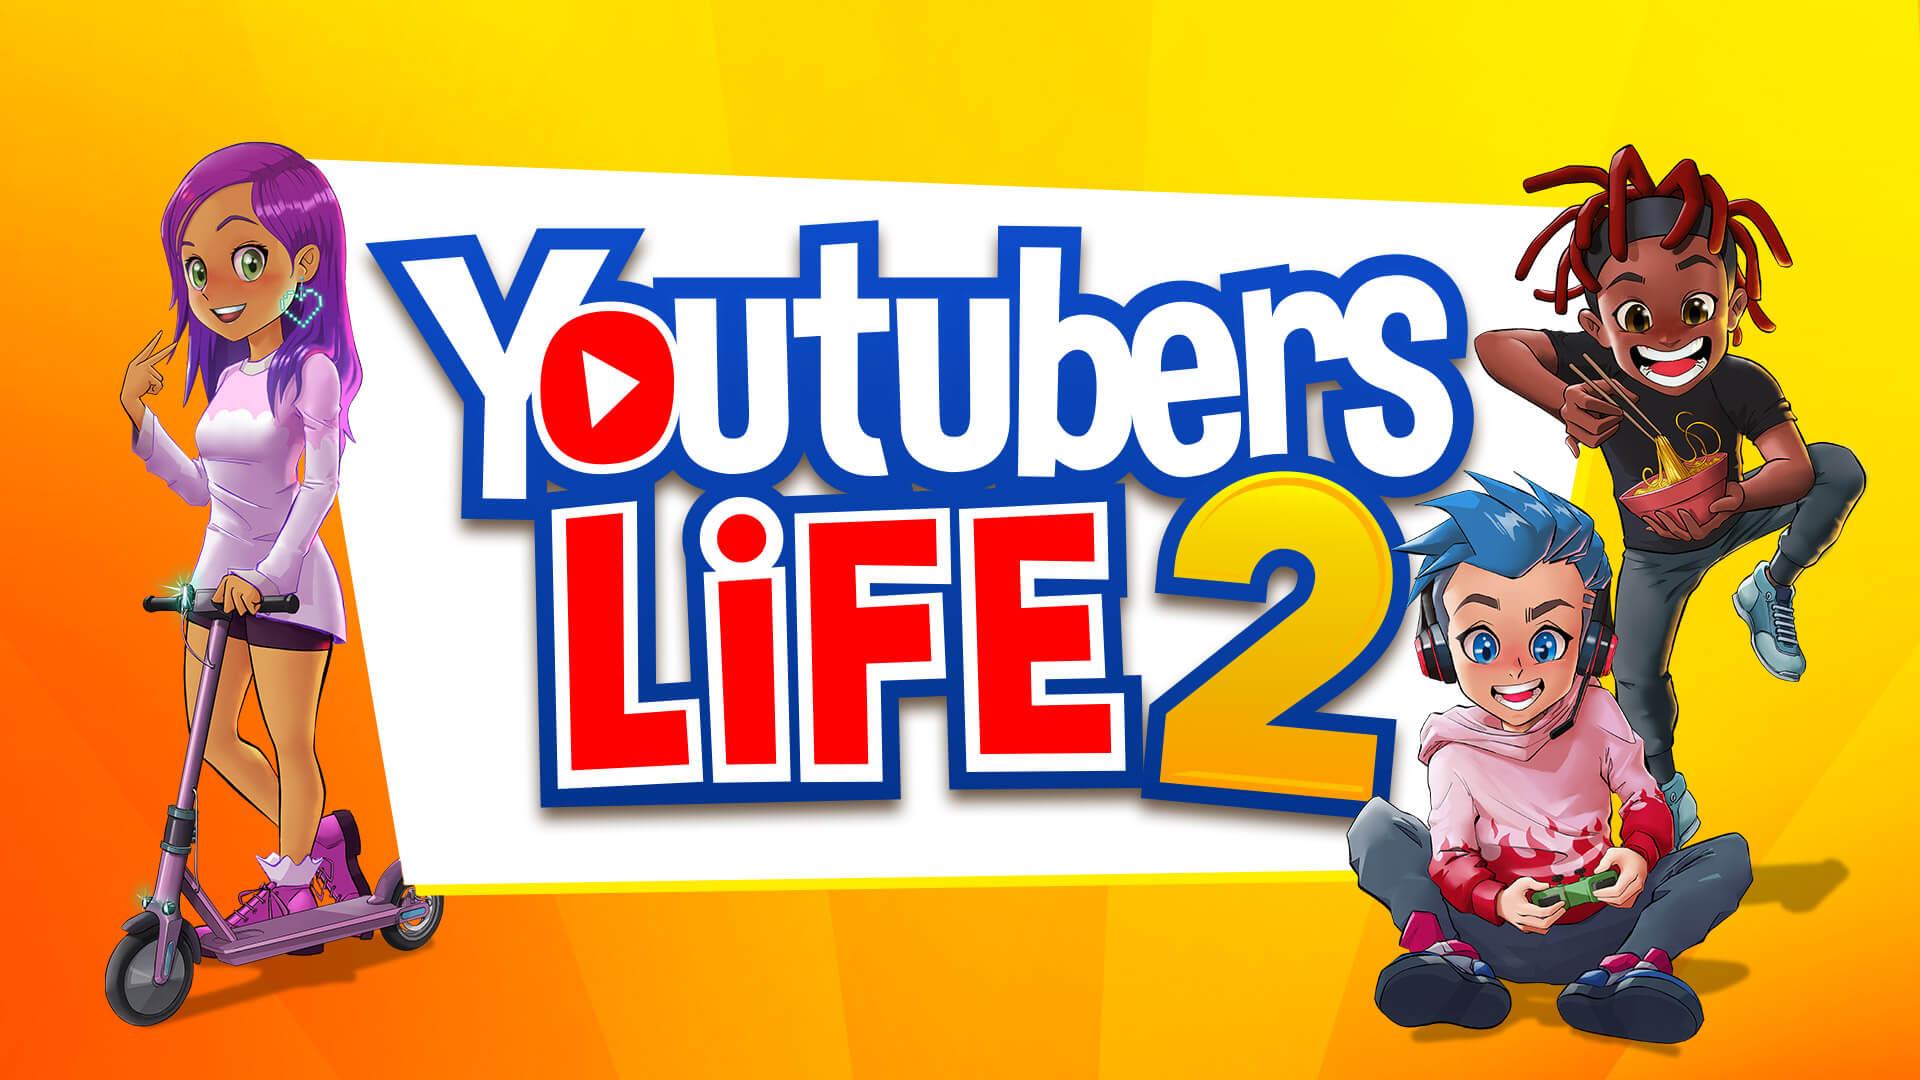 Youtubers Life 2 ha sido anunciado para PS4 y se estrenará en 2021